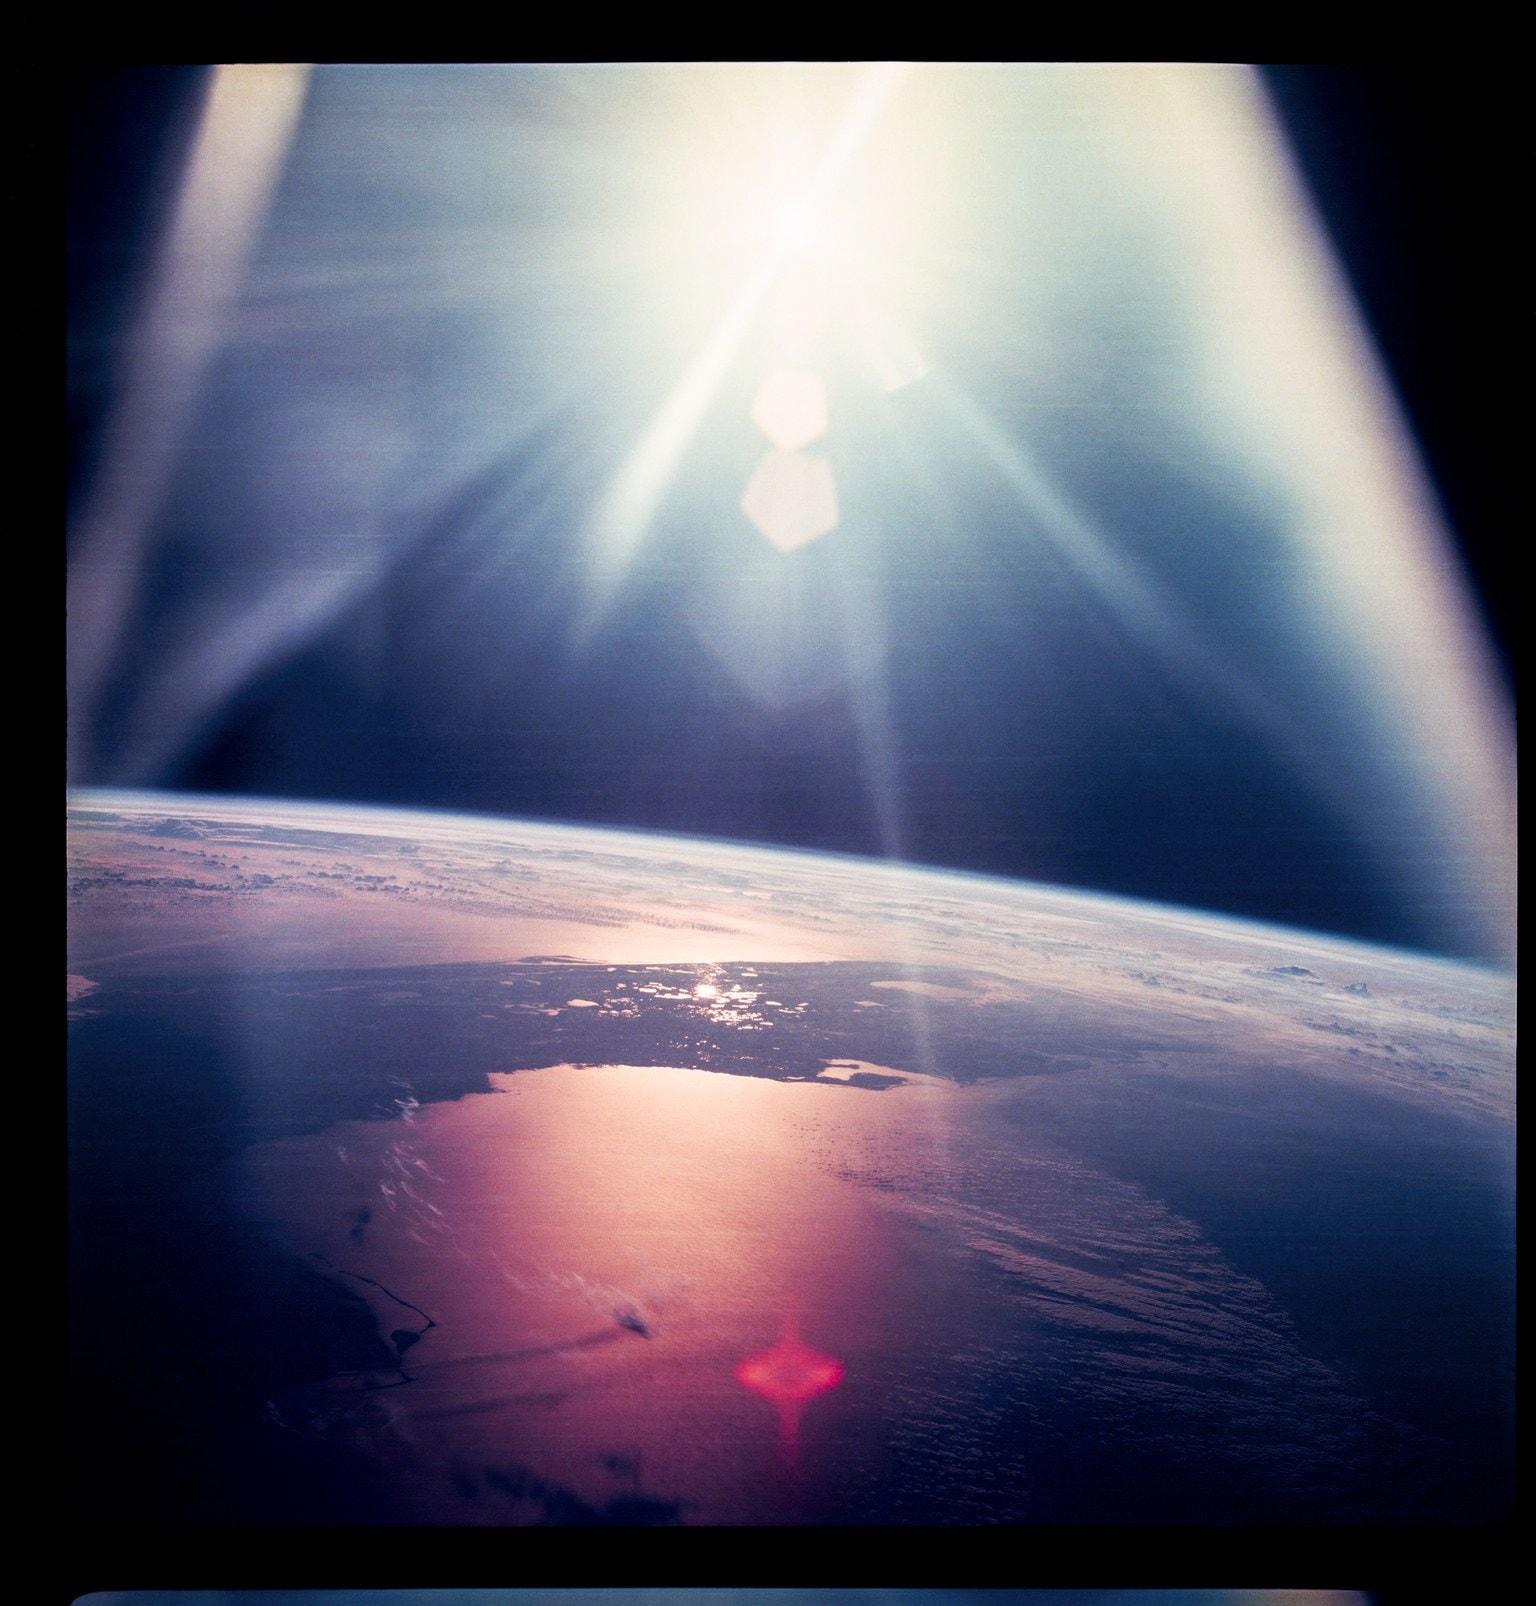 Οι εκπληκτικές φωτογραφίες των αστροναυτών του προγράμματος Apollo